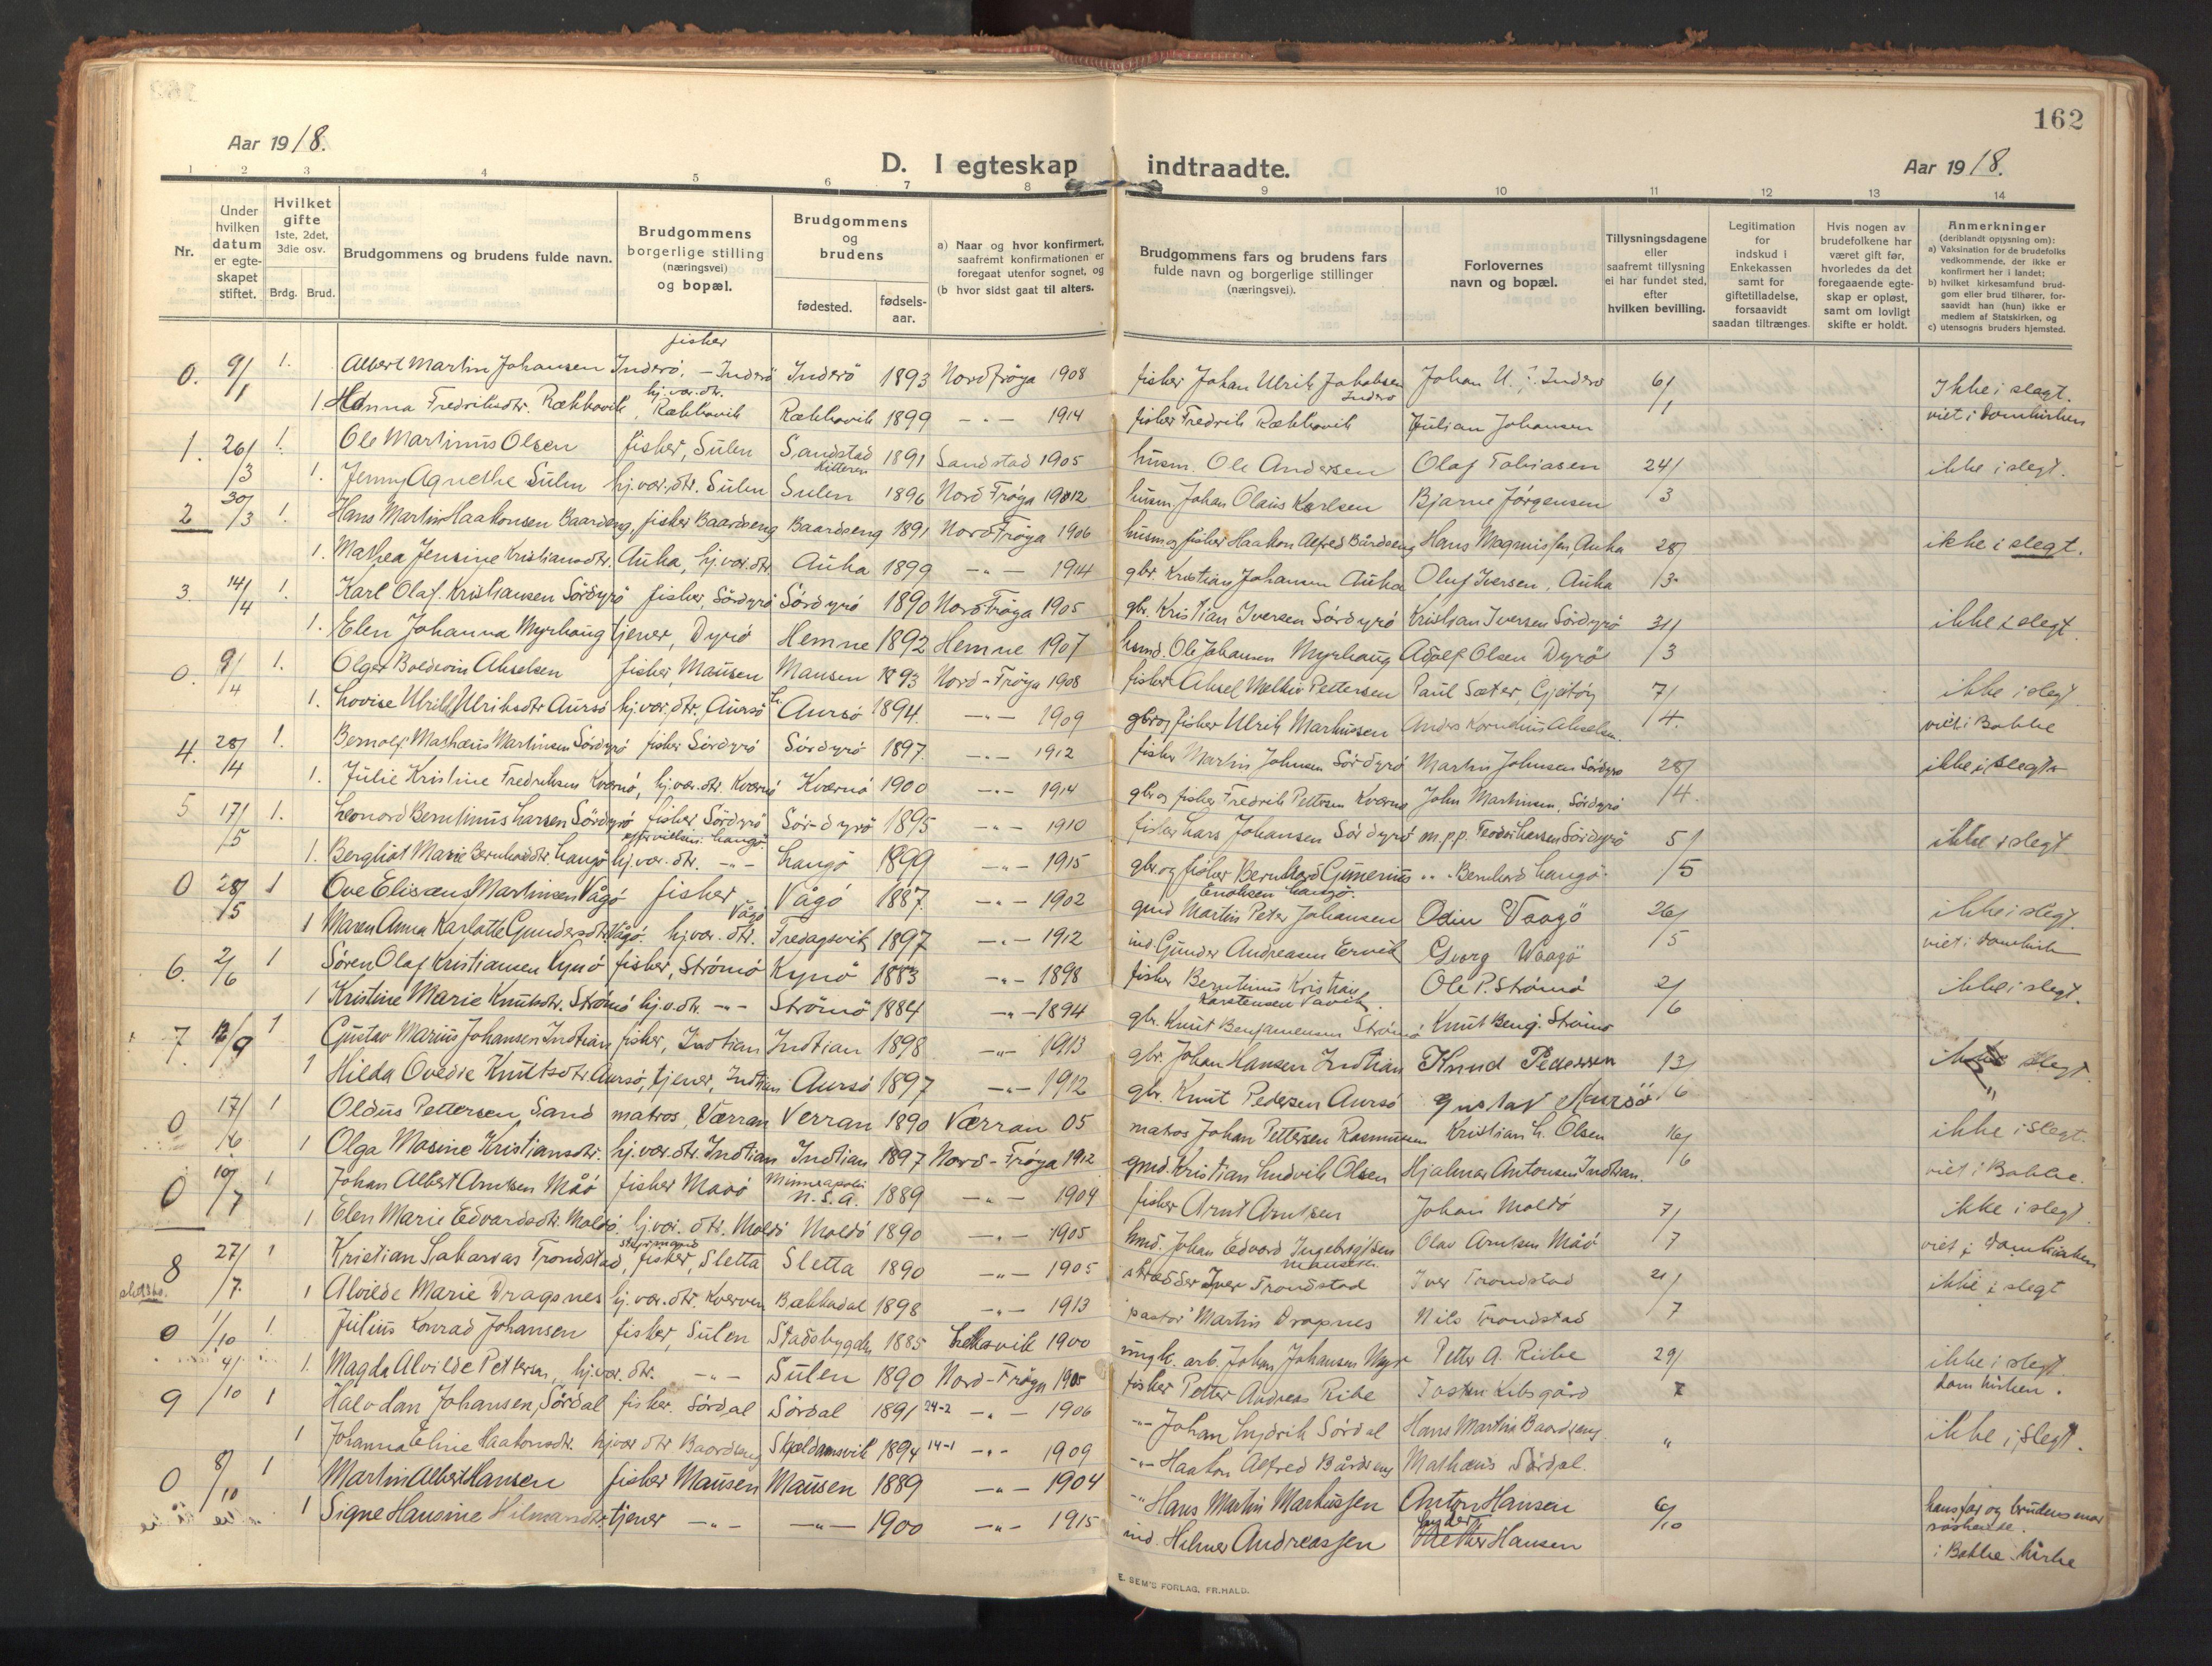 SAT, Ministerialprotokoller, klokkerbøker og fødselsregistre - Sør-Trøndelag, 640/L0581: Ministerialbok nr. 640A06, 1910-1924, s. 162